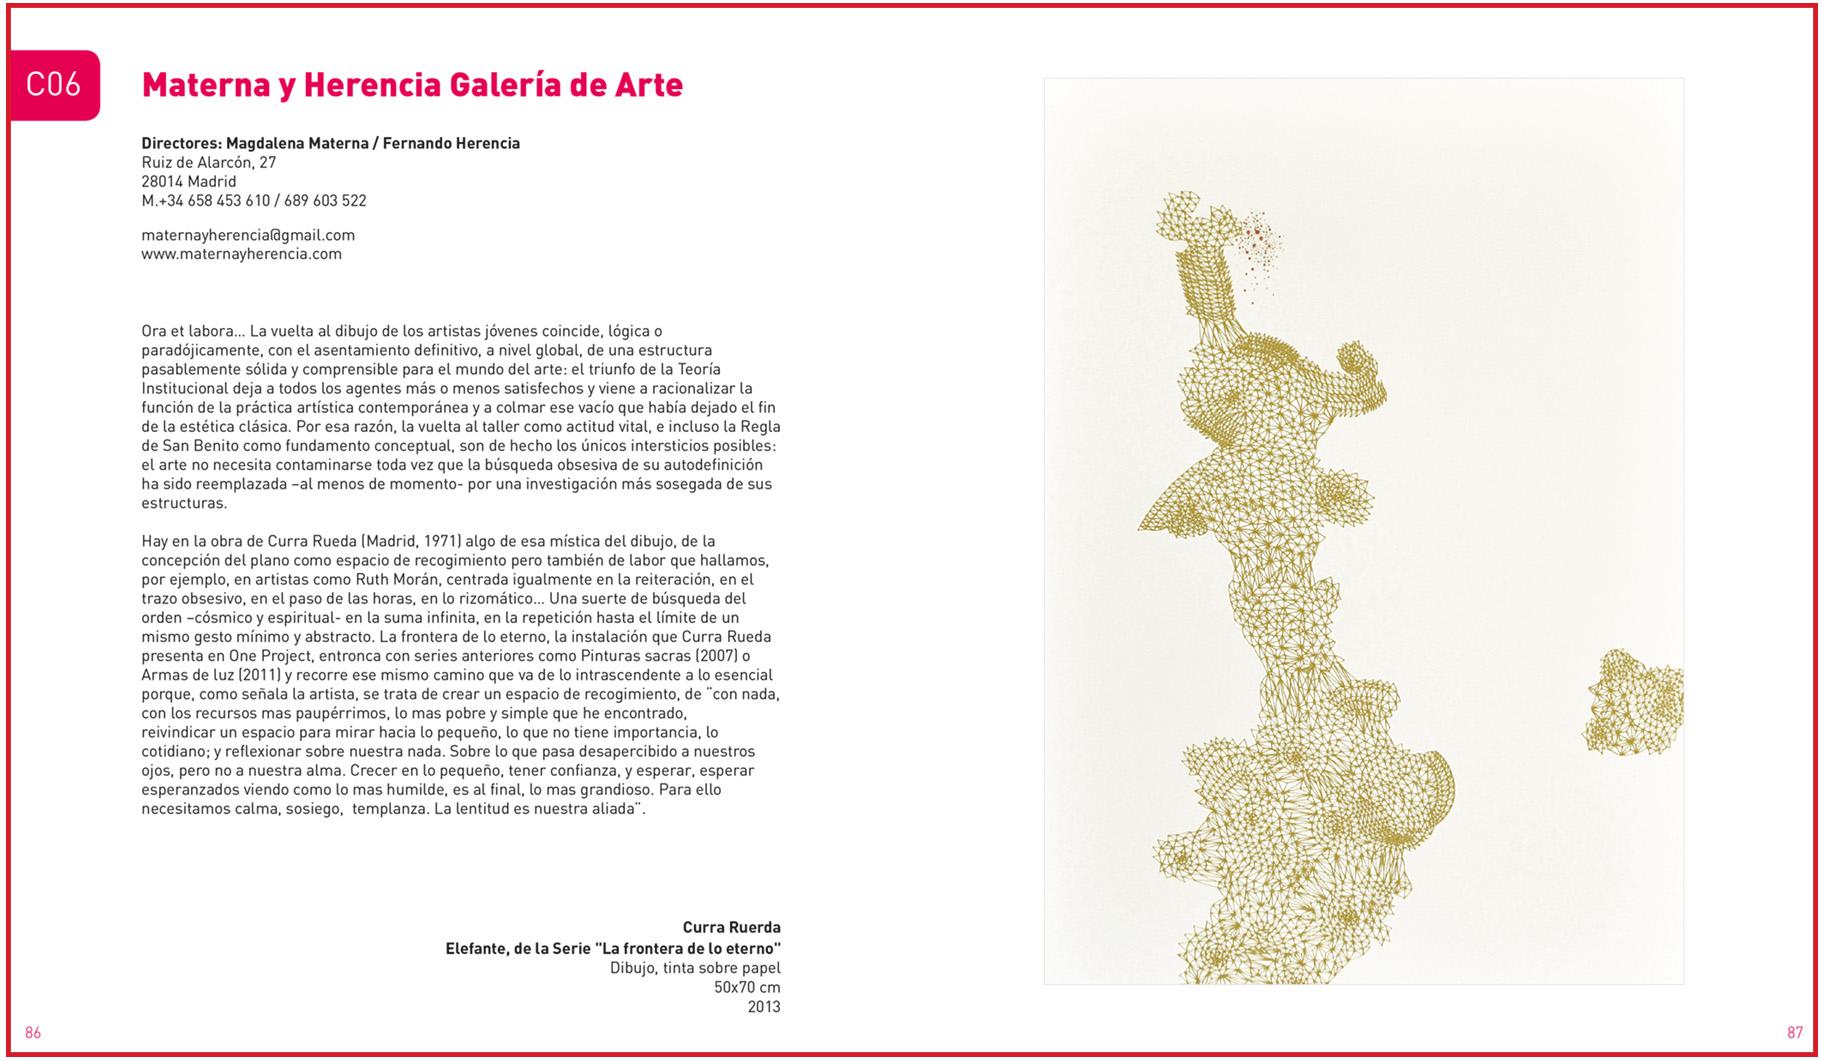 critica de arte Javier Rubio Nonplot